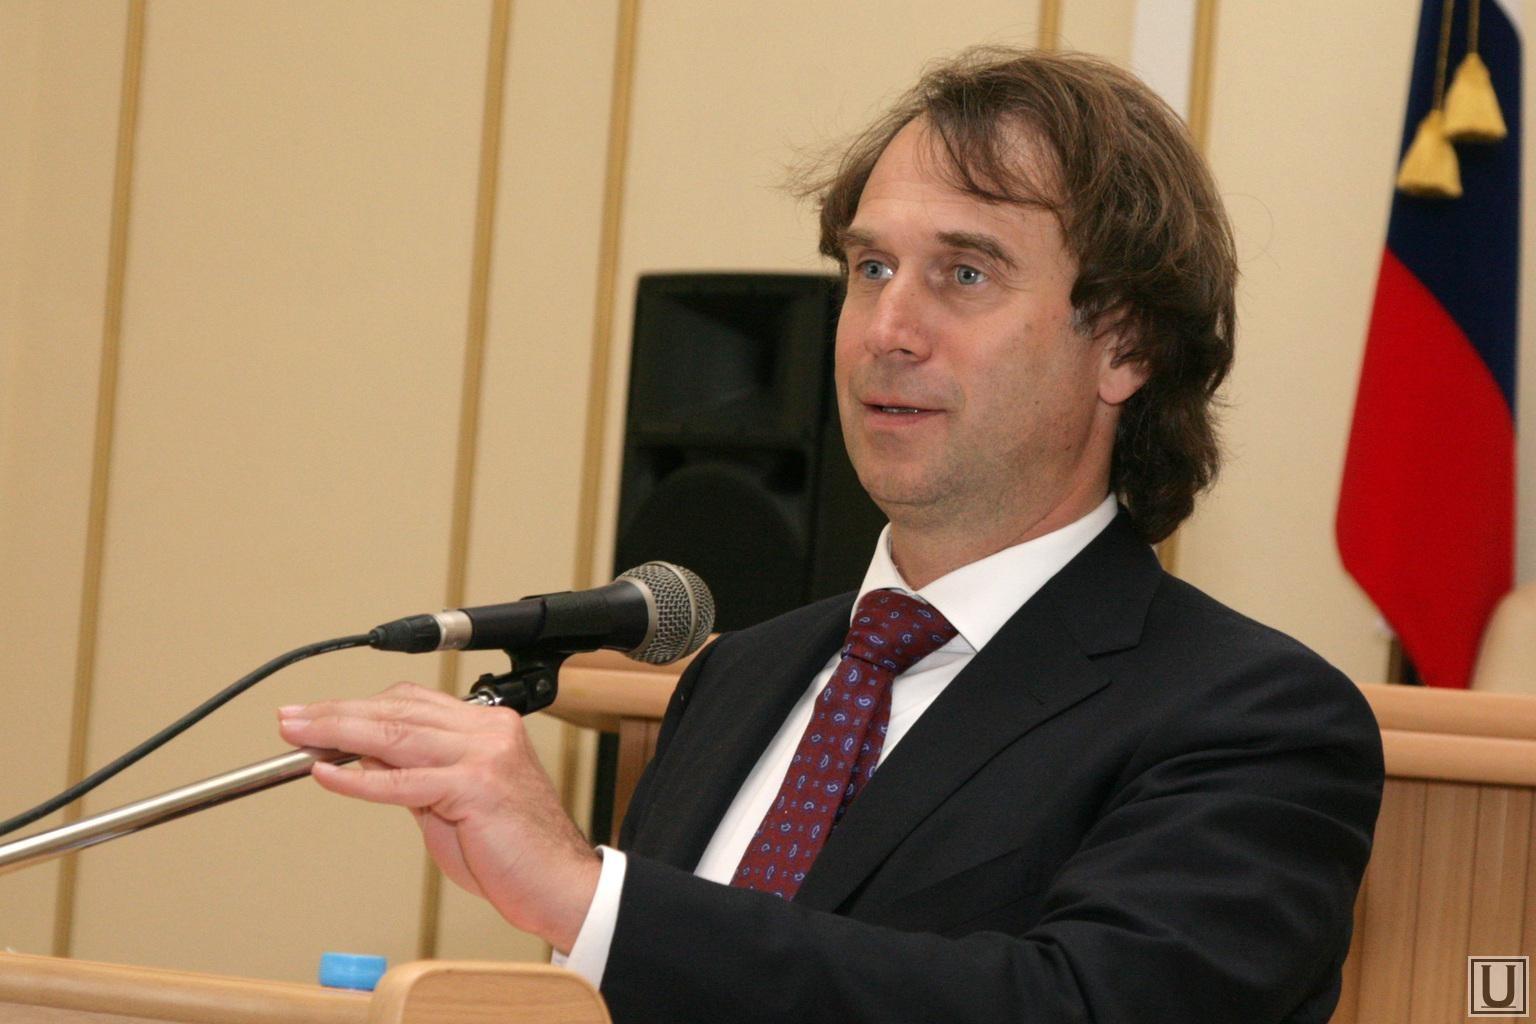 Эксперт прокомментировал законодательную инициативу обограничении часов работы гипермаркетов